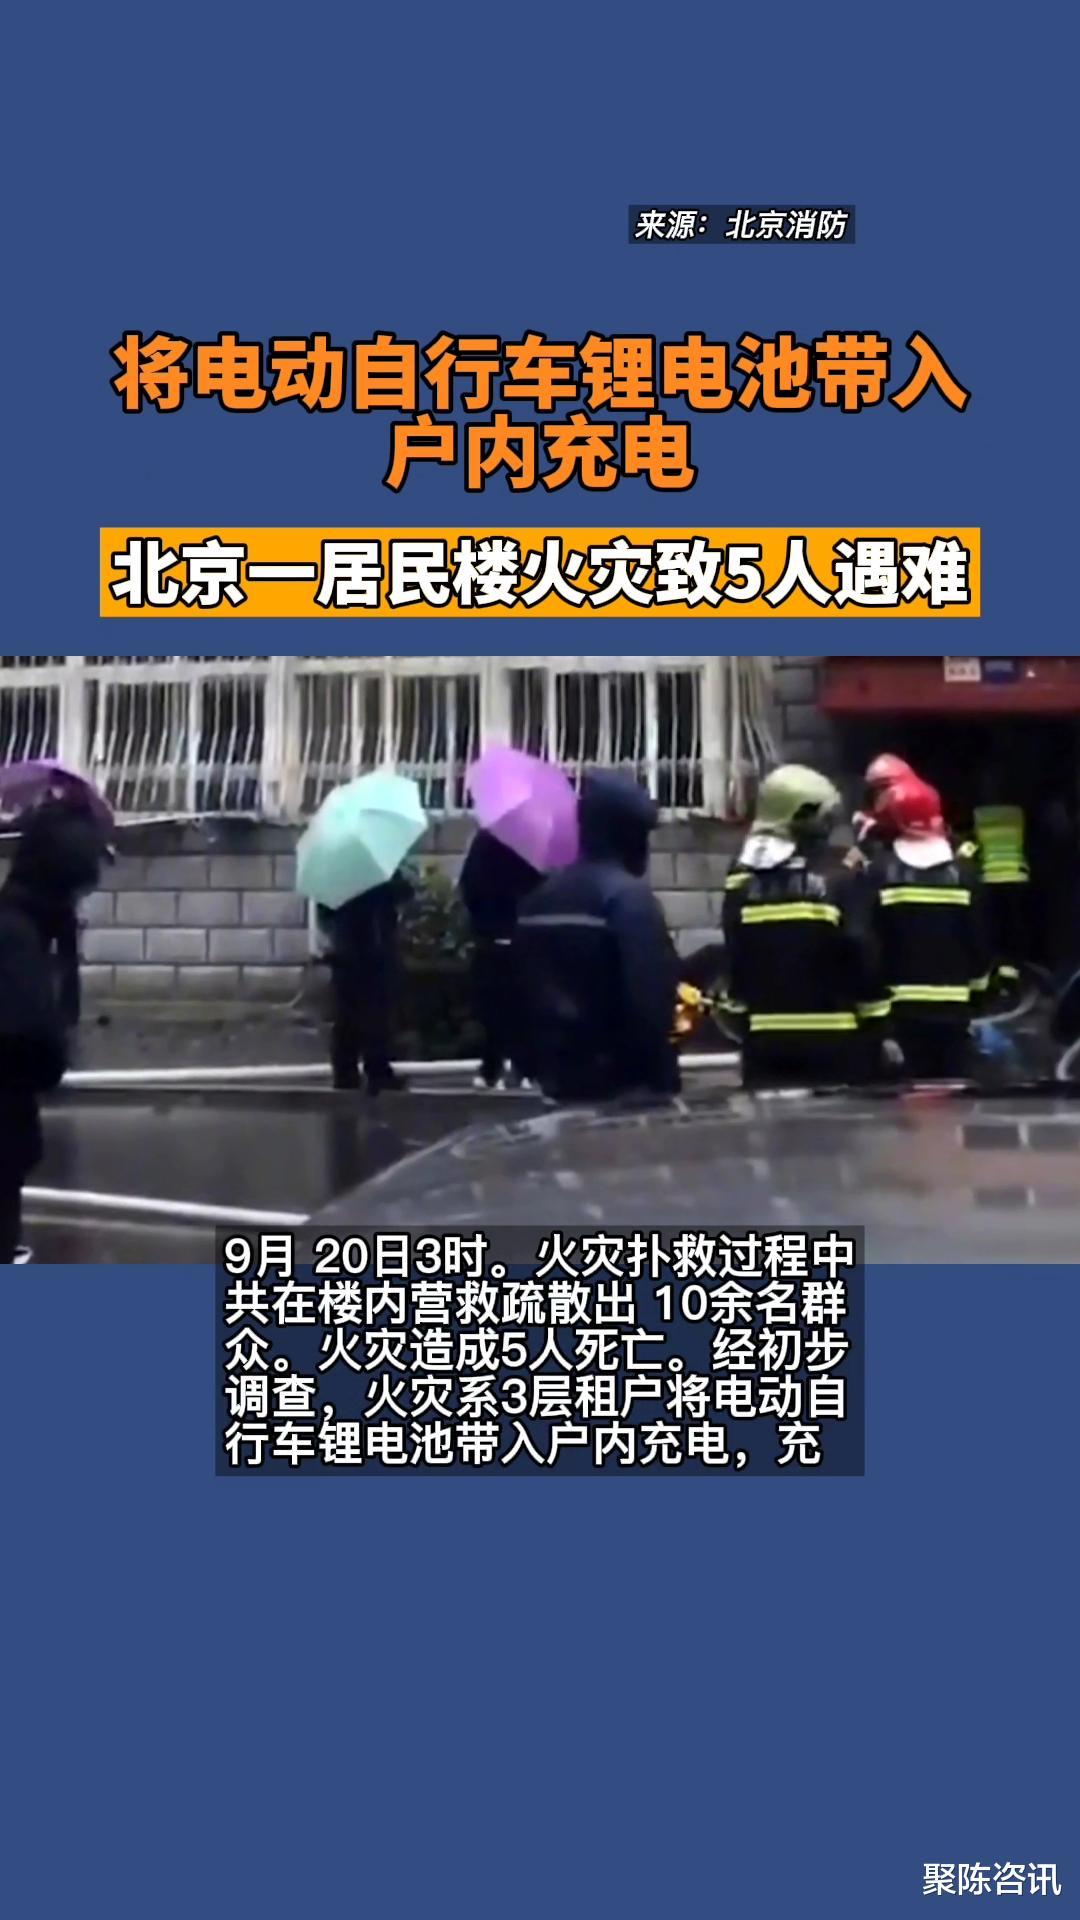 将电动自行车锂电池带入户内充电 北京一居民楼火灾致5人遇难